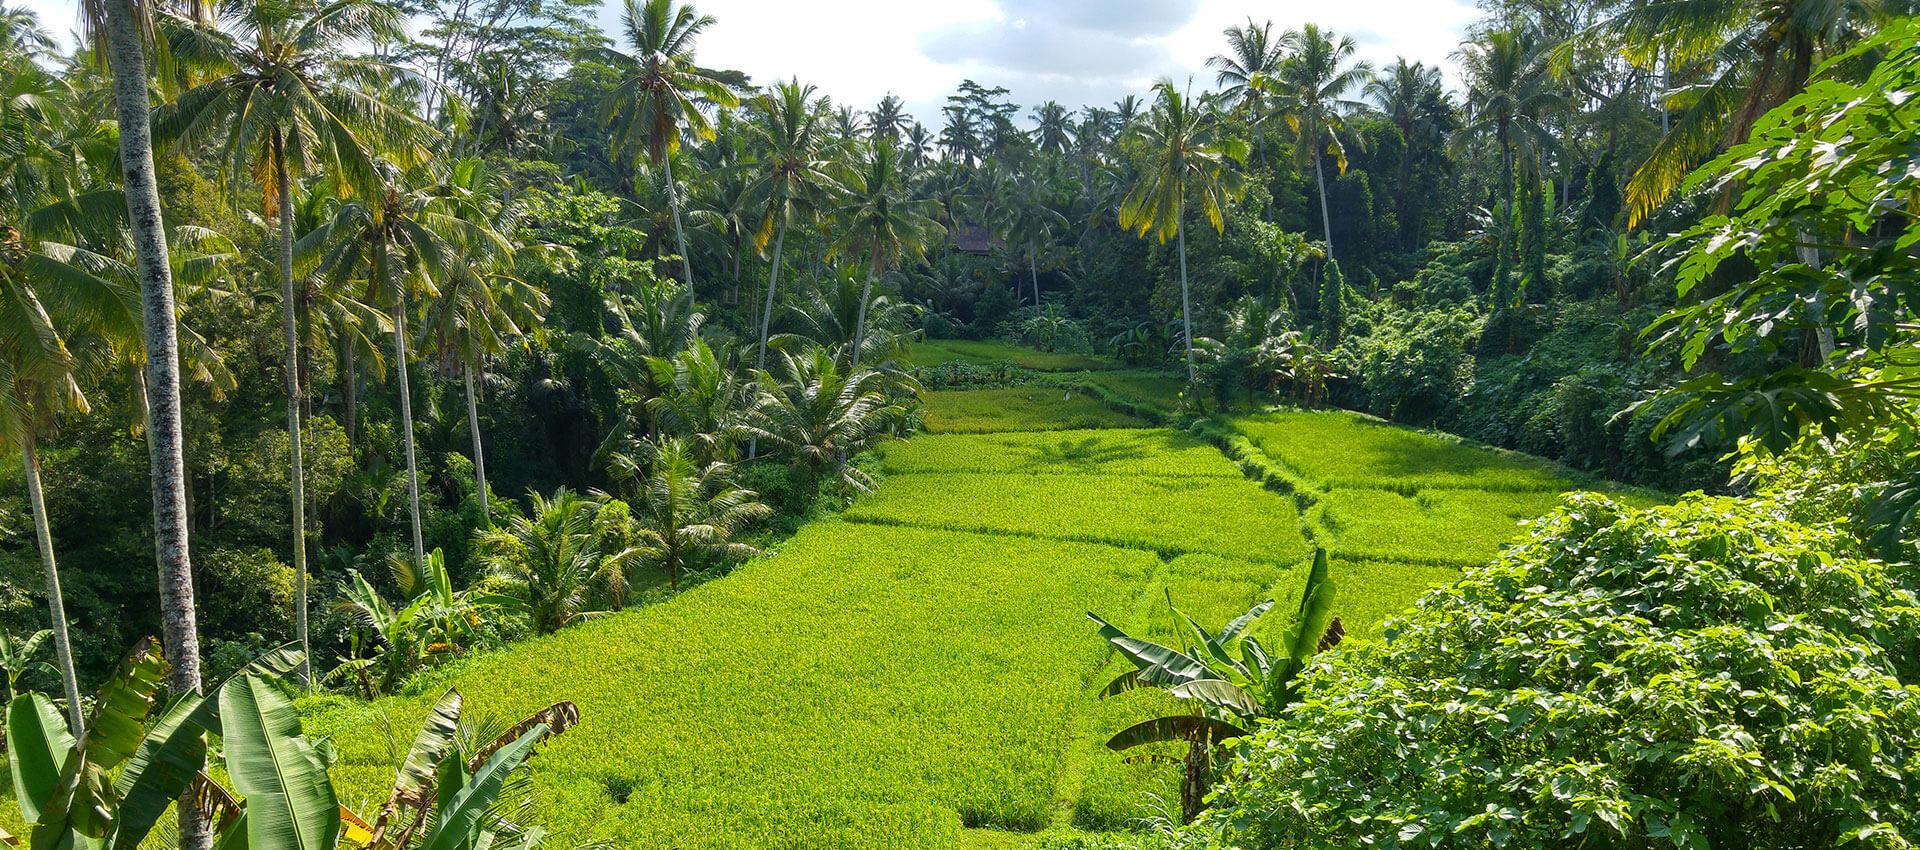 Bali Tegalalang